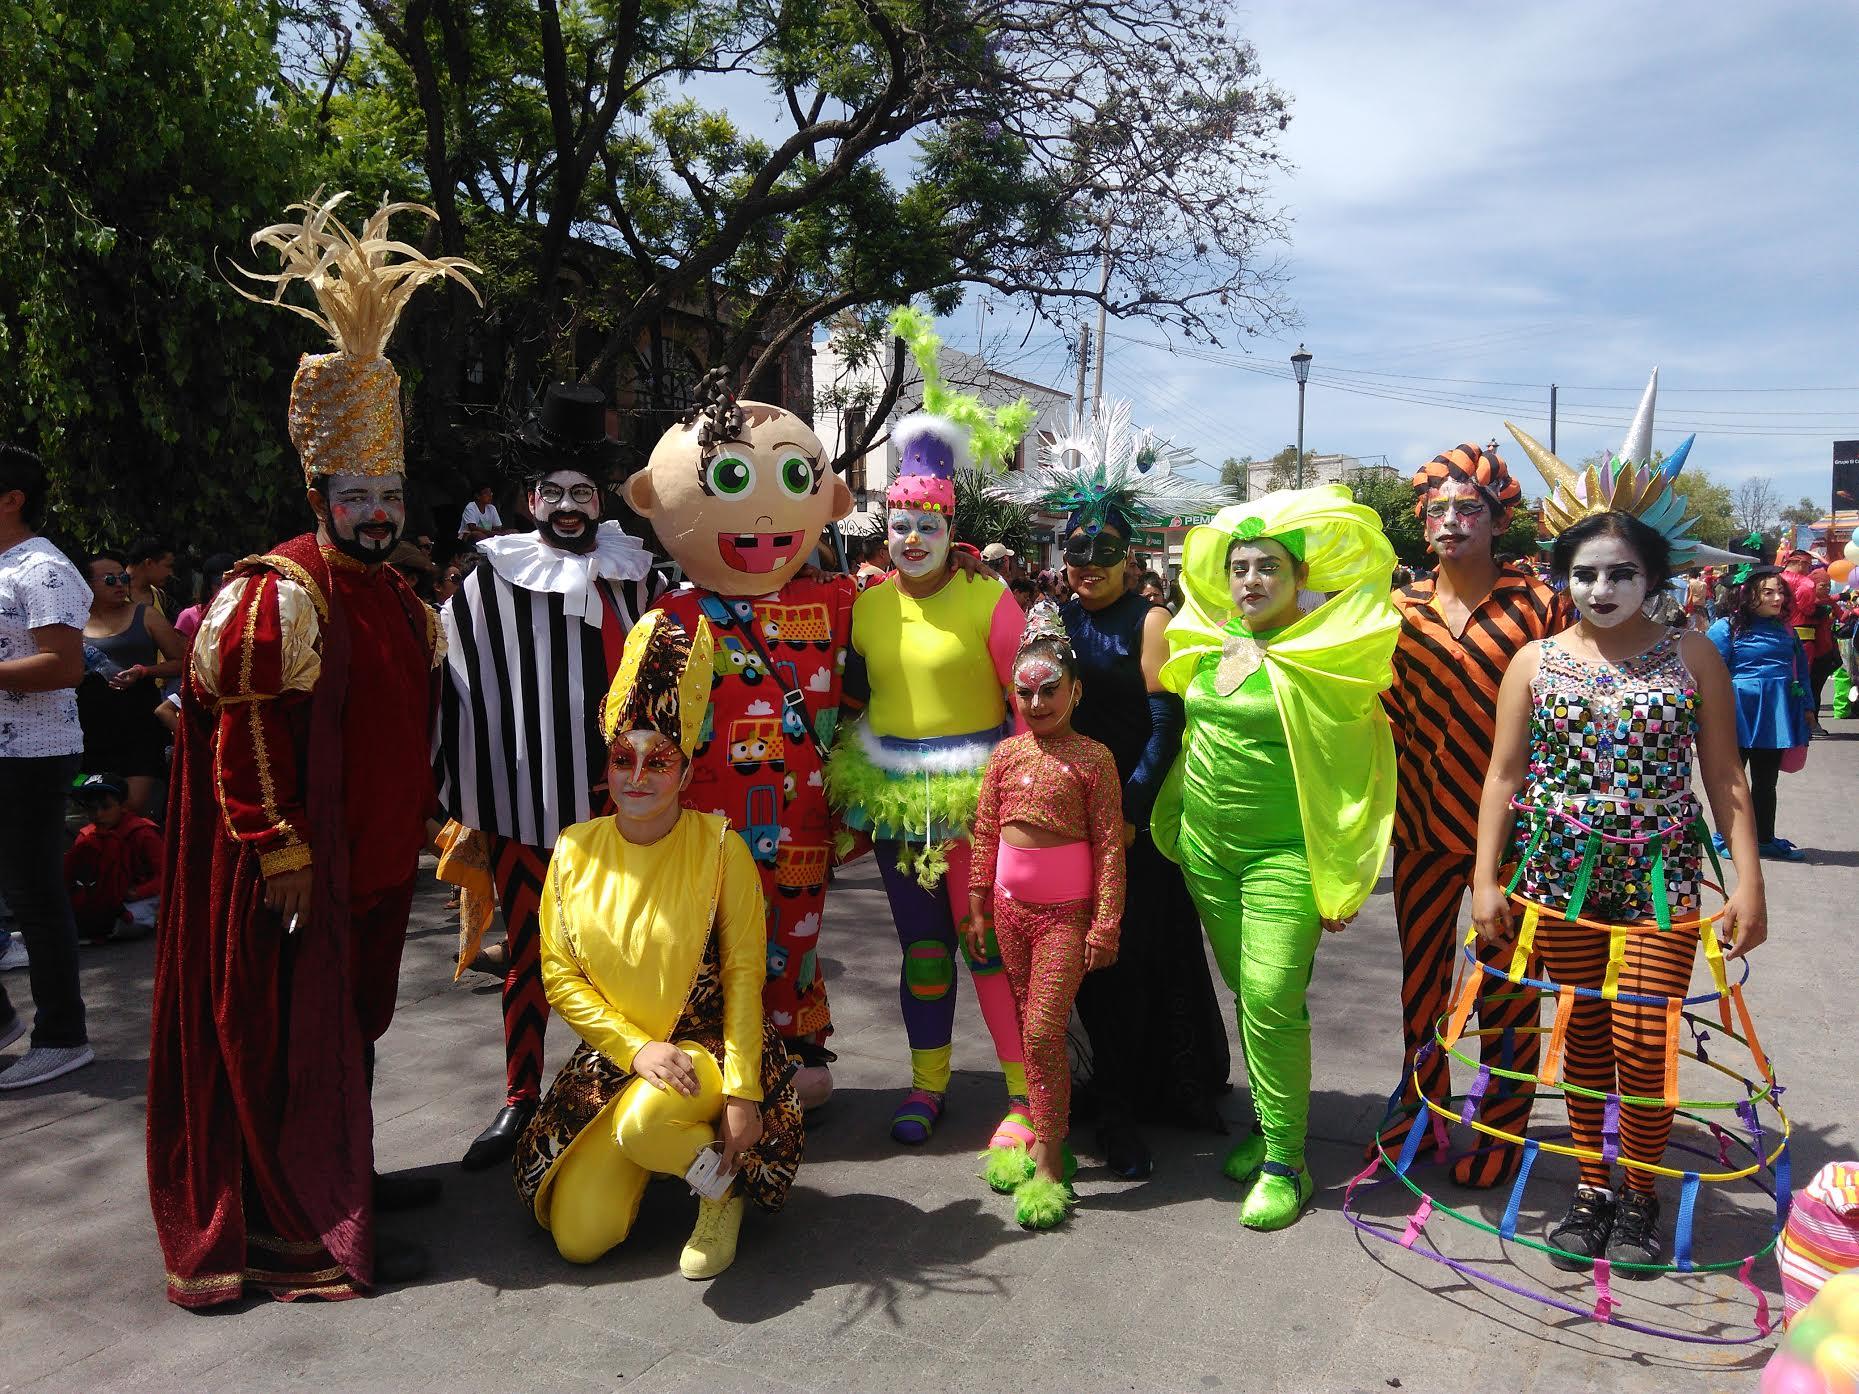 El evento tiene trascendencia incluso a nivel internacional, pues ha sido transmitido en diferentes programas de televisión, se han hecho reportajes en diferentes revistas y medios de comunicación, lo que lo convierte en un gran espectáculo, que disfrutan los sanmiguelenses y turistas.